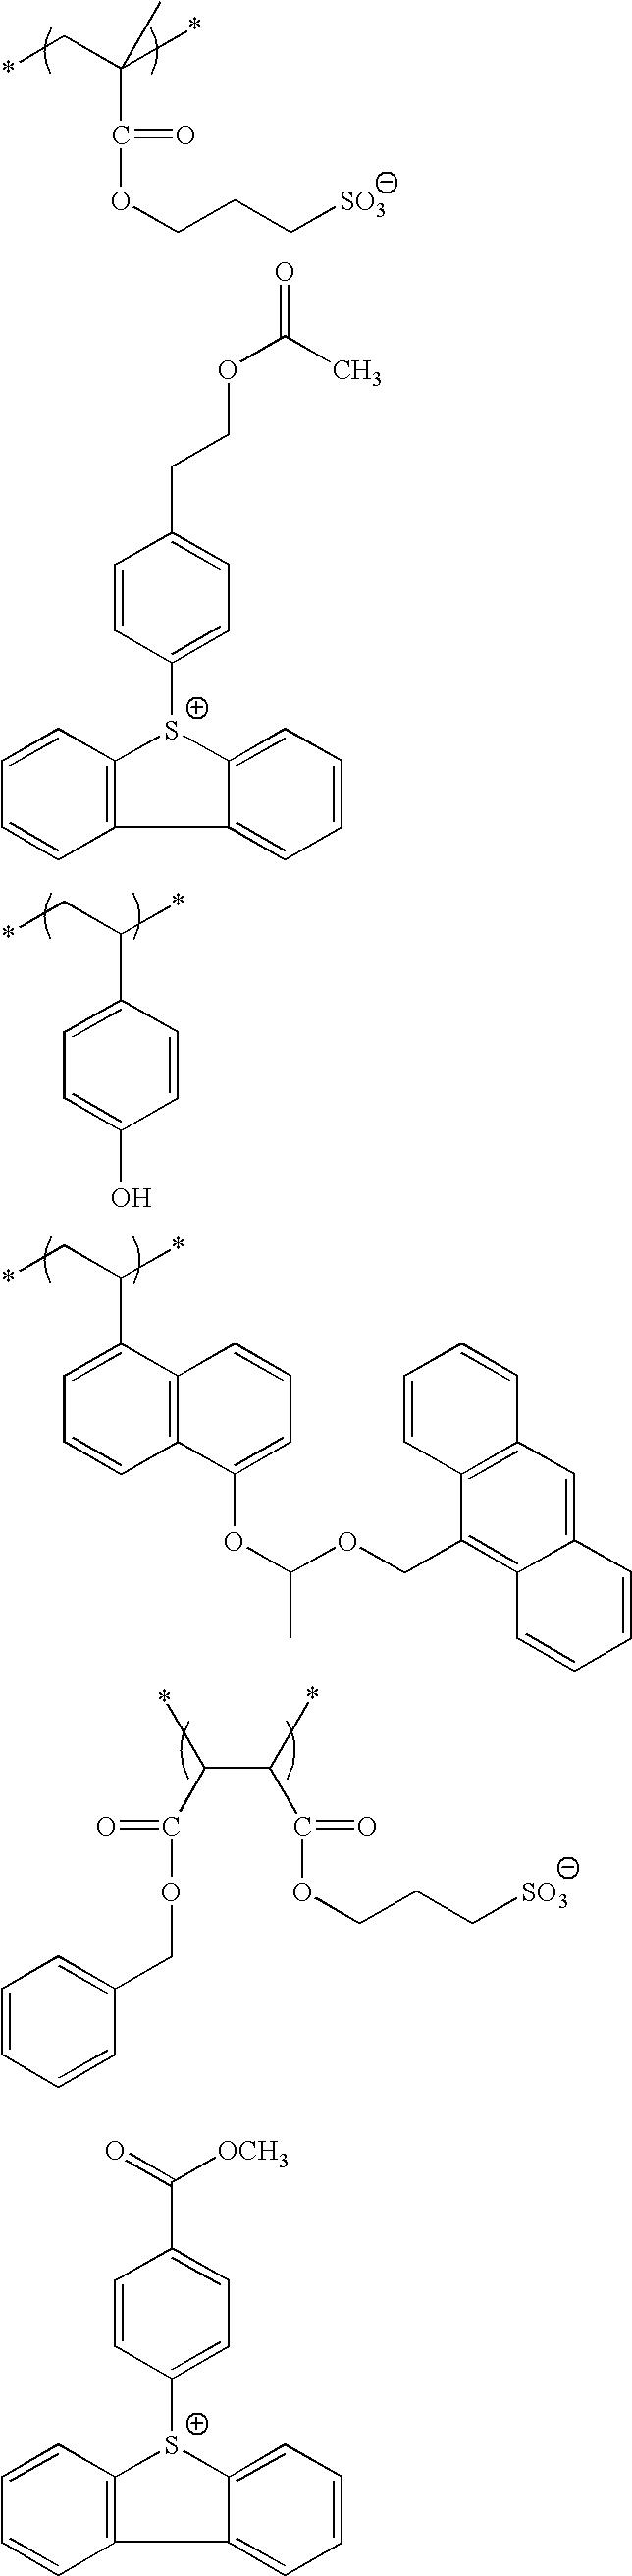 Figure US08852845-20141007-C00191